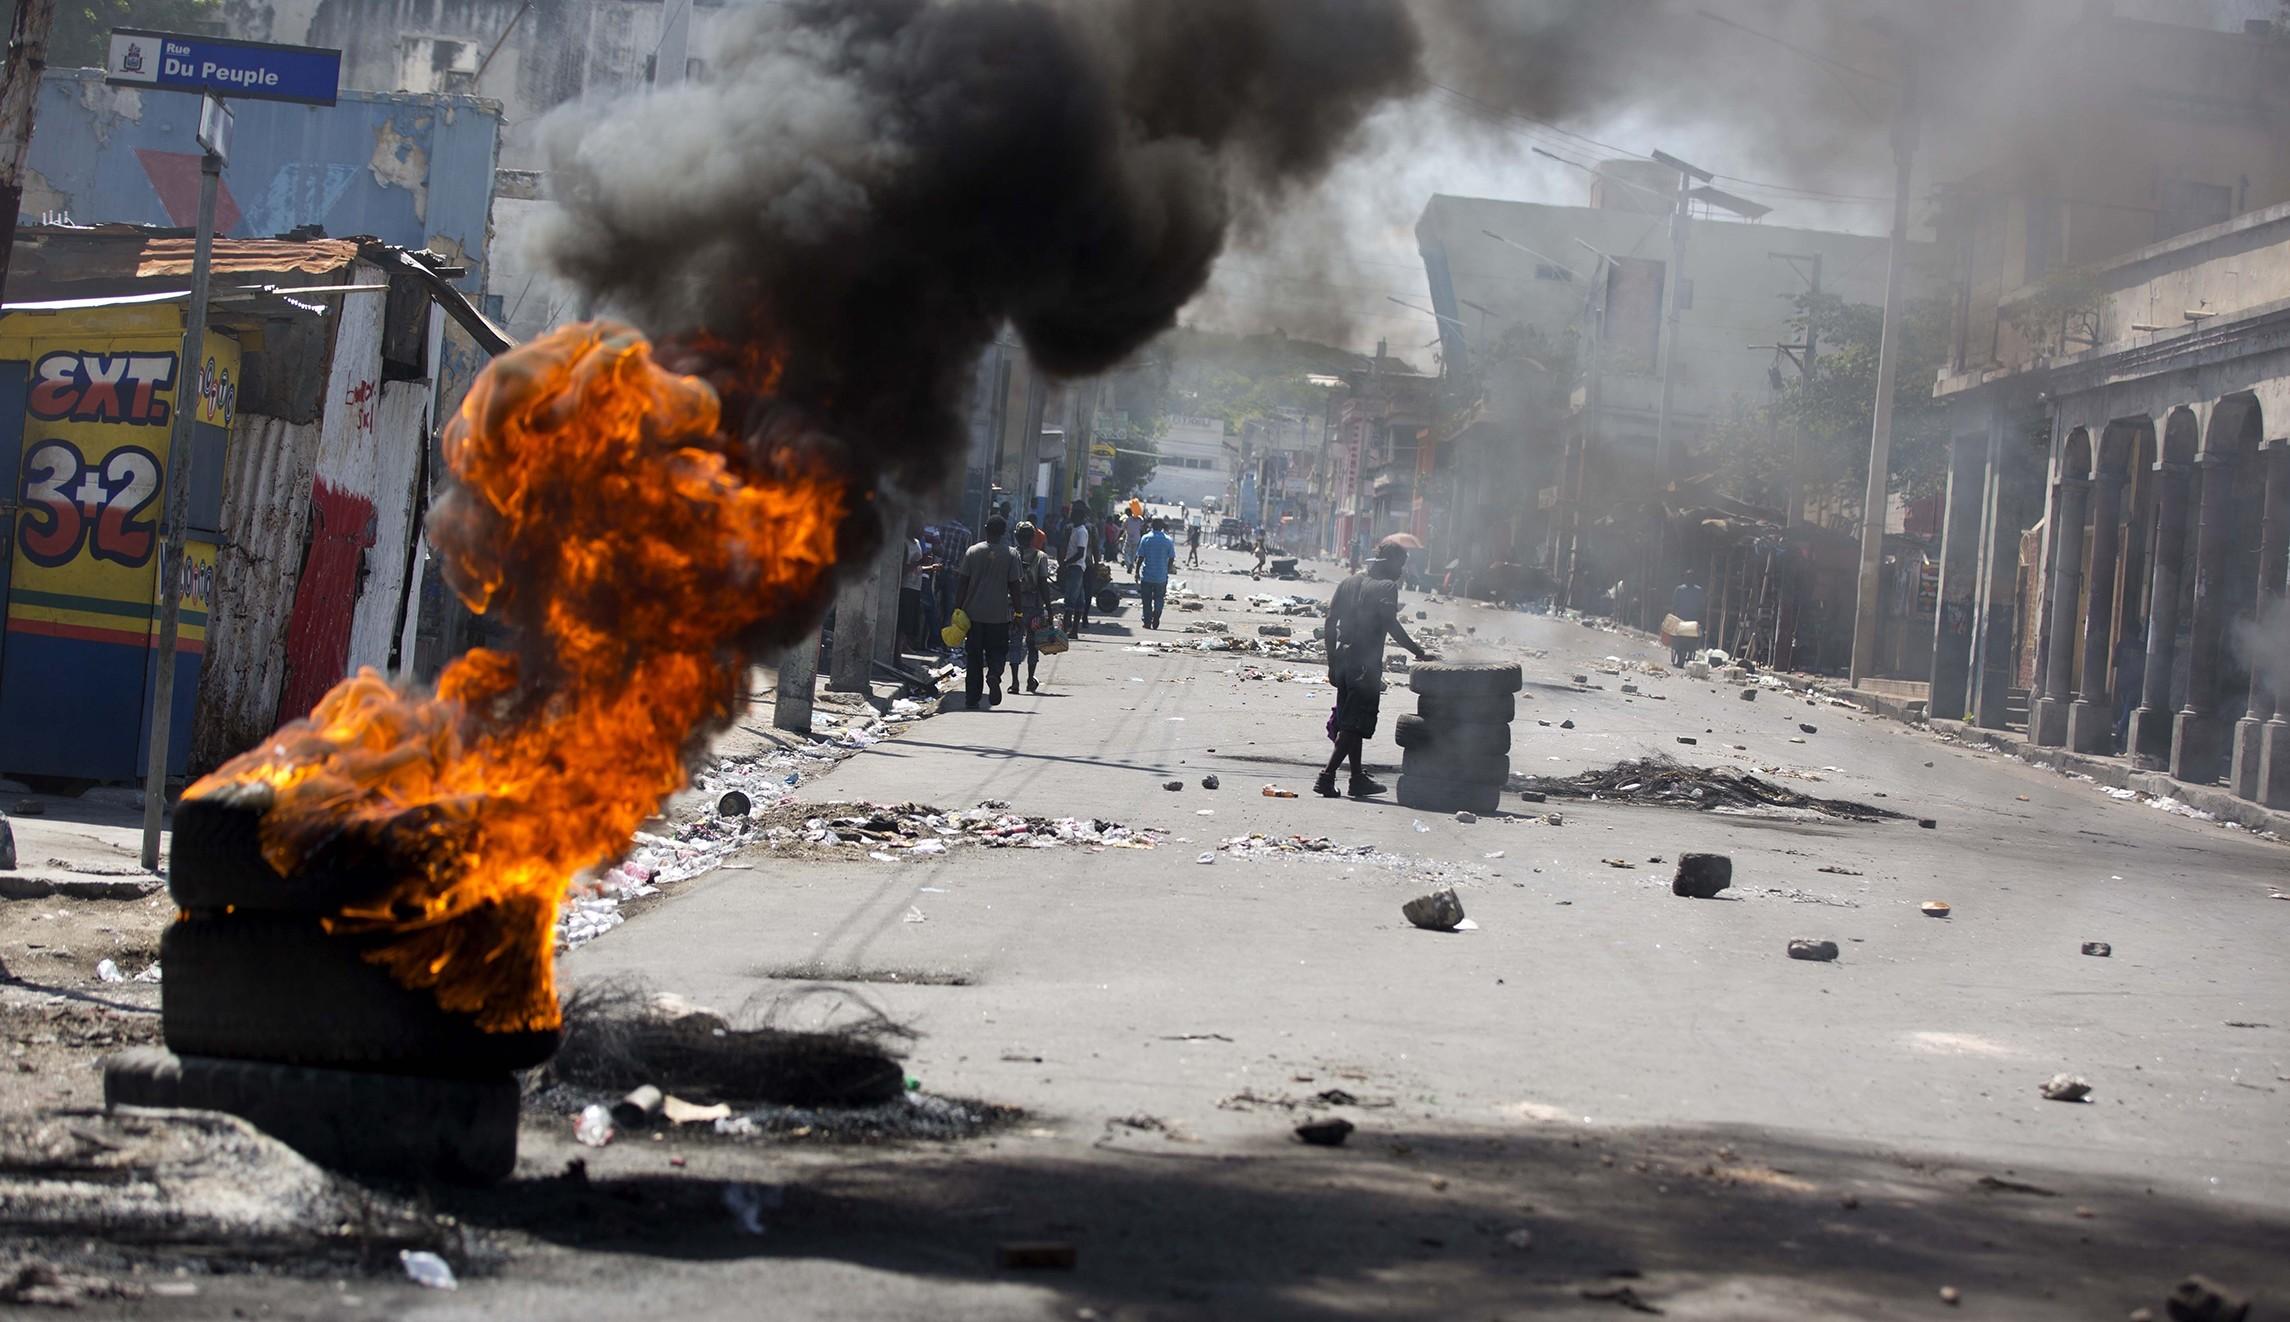 Haiti riots